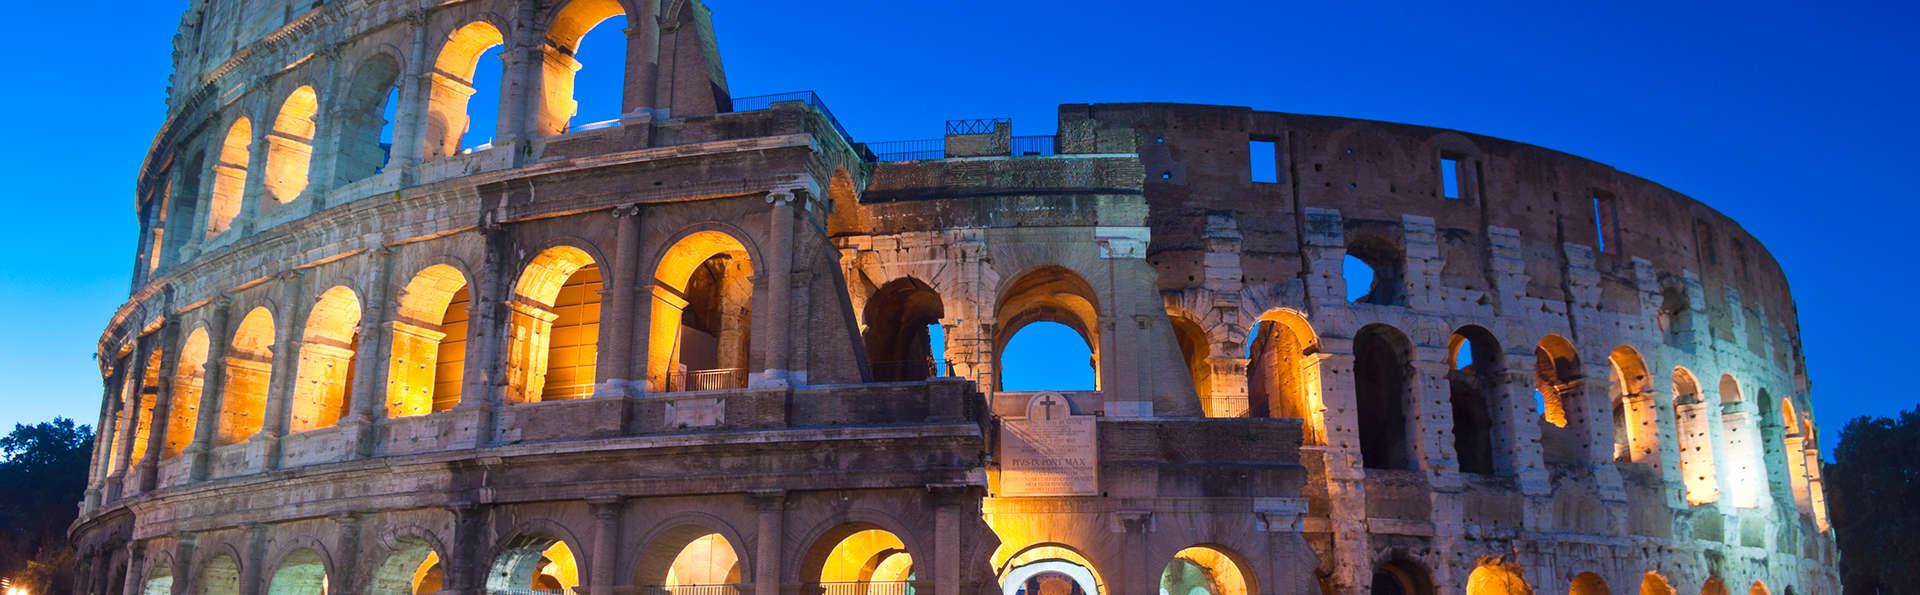 Séjournez dans un élégant hôtel 4 étoiles supérieur avec visite au Colisée